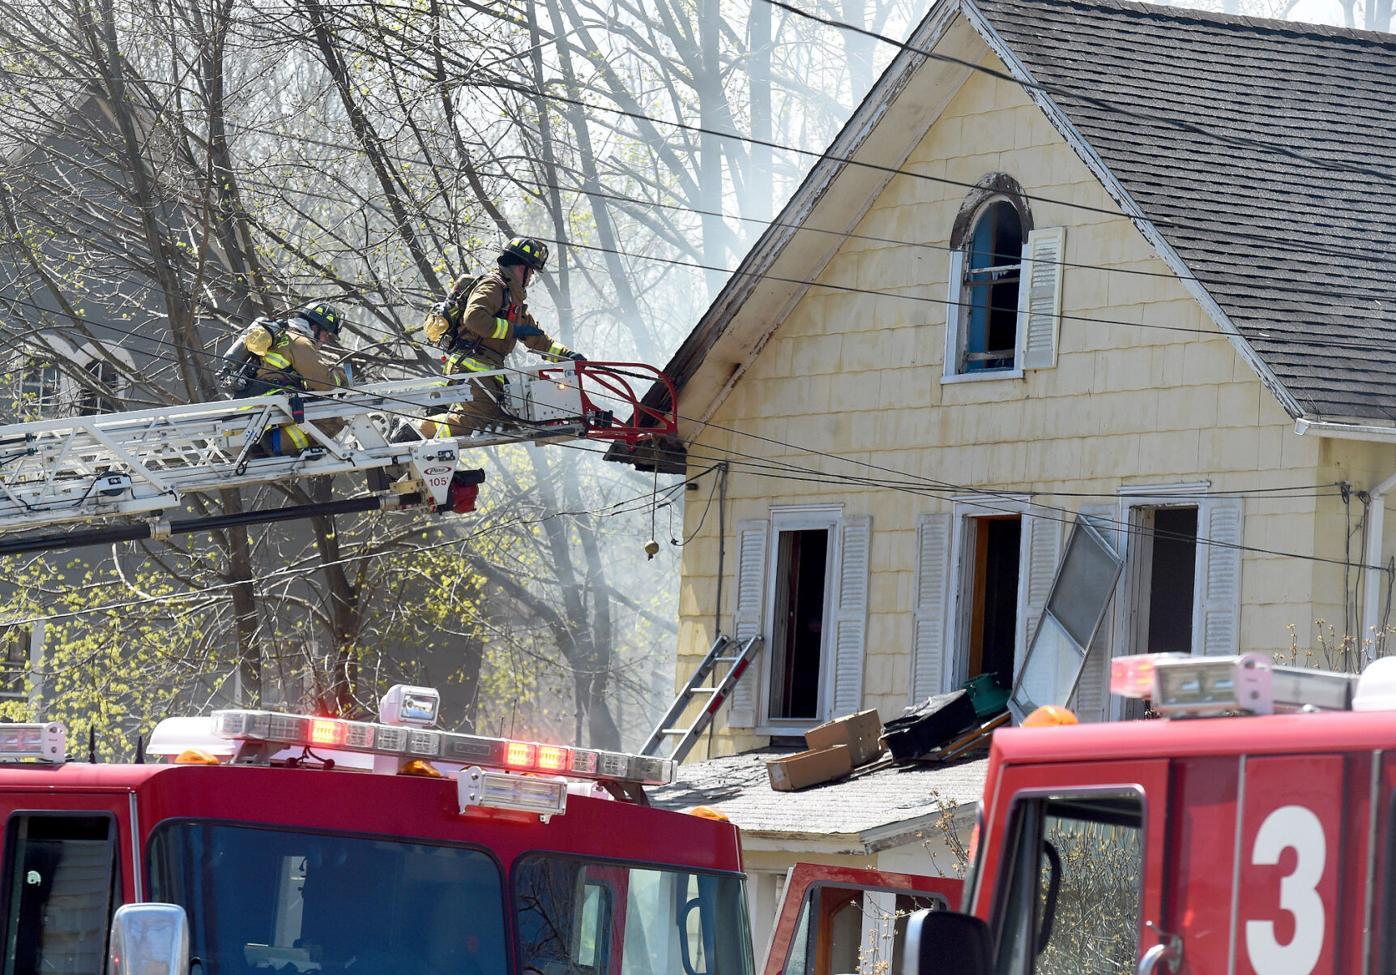 040921 MA House Fire 01.jpg